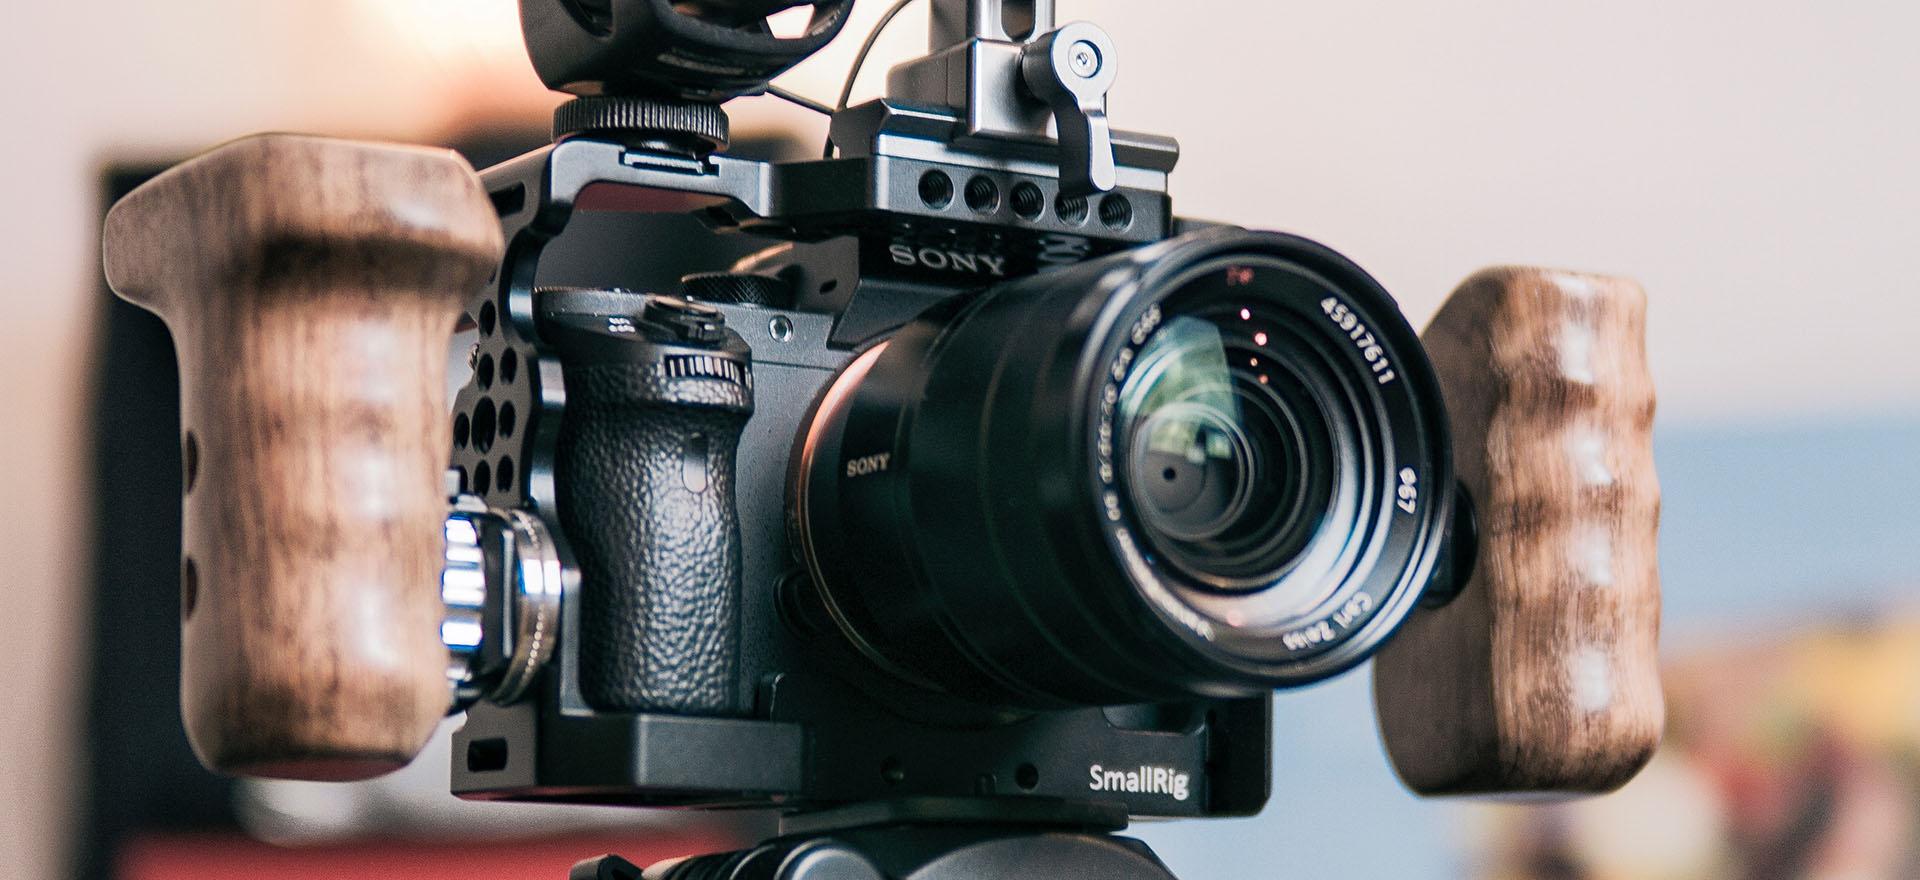 Sony A7S III, Photo by lucas Favre on Unsplash